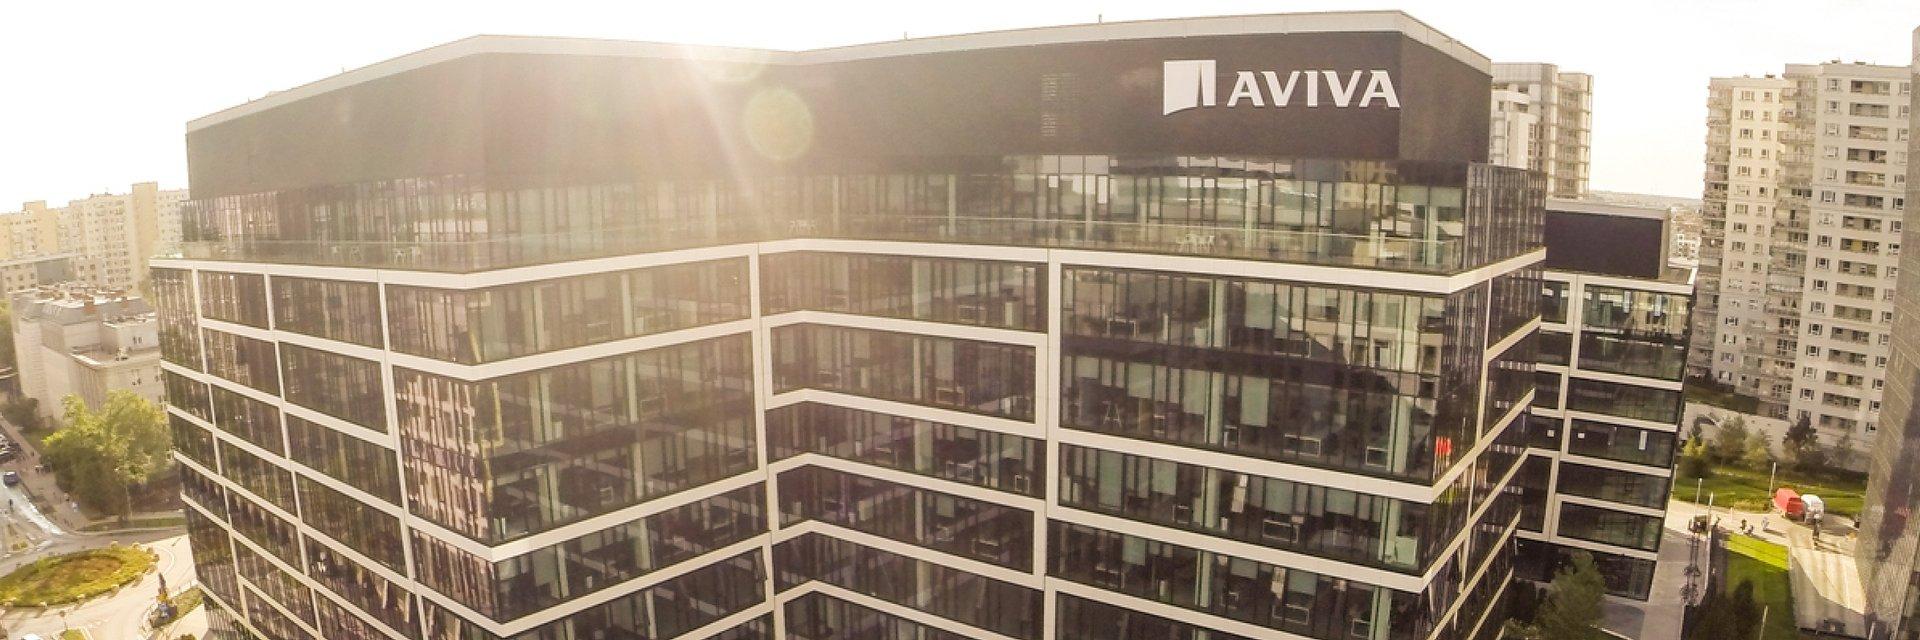 Aviva Polska będzie mieć nowego właściciela – dla klientów nic się nie zmienia